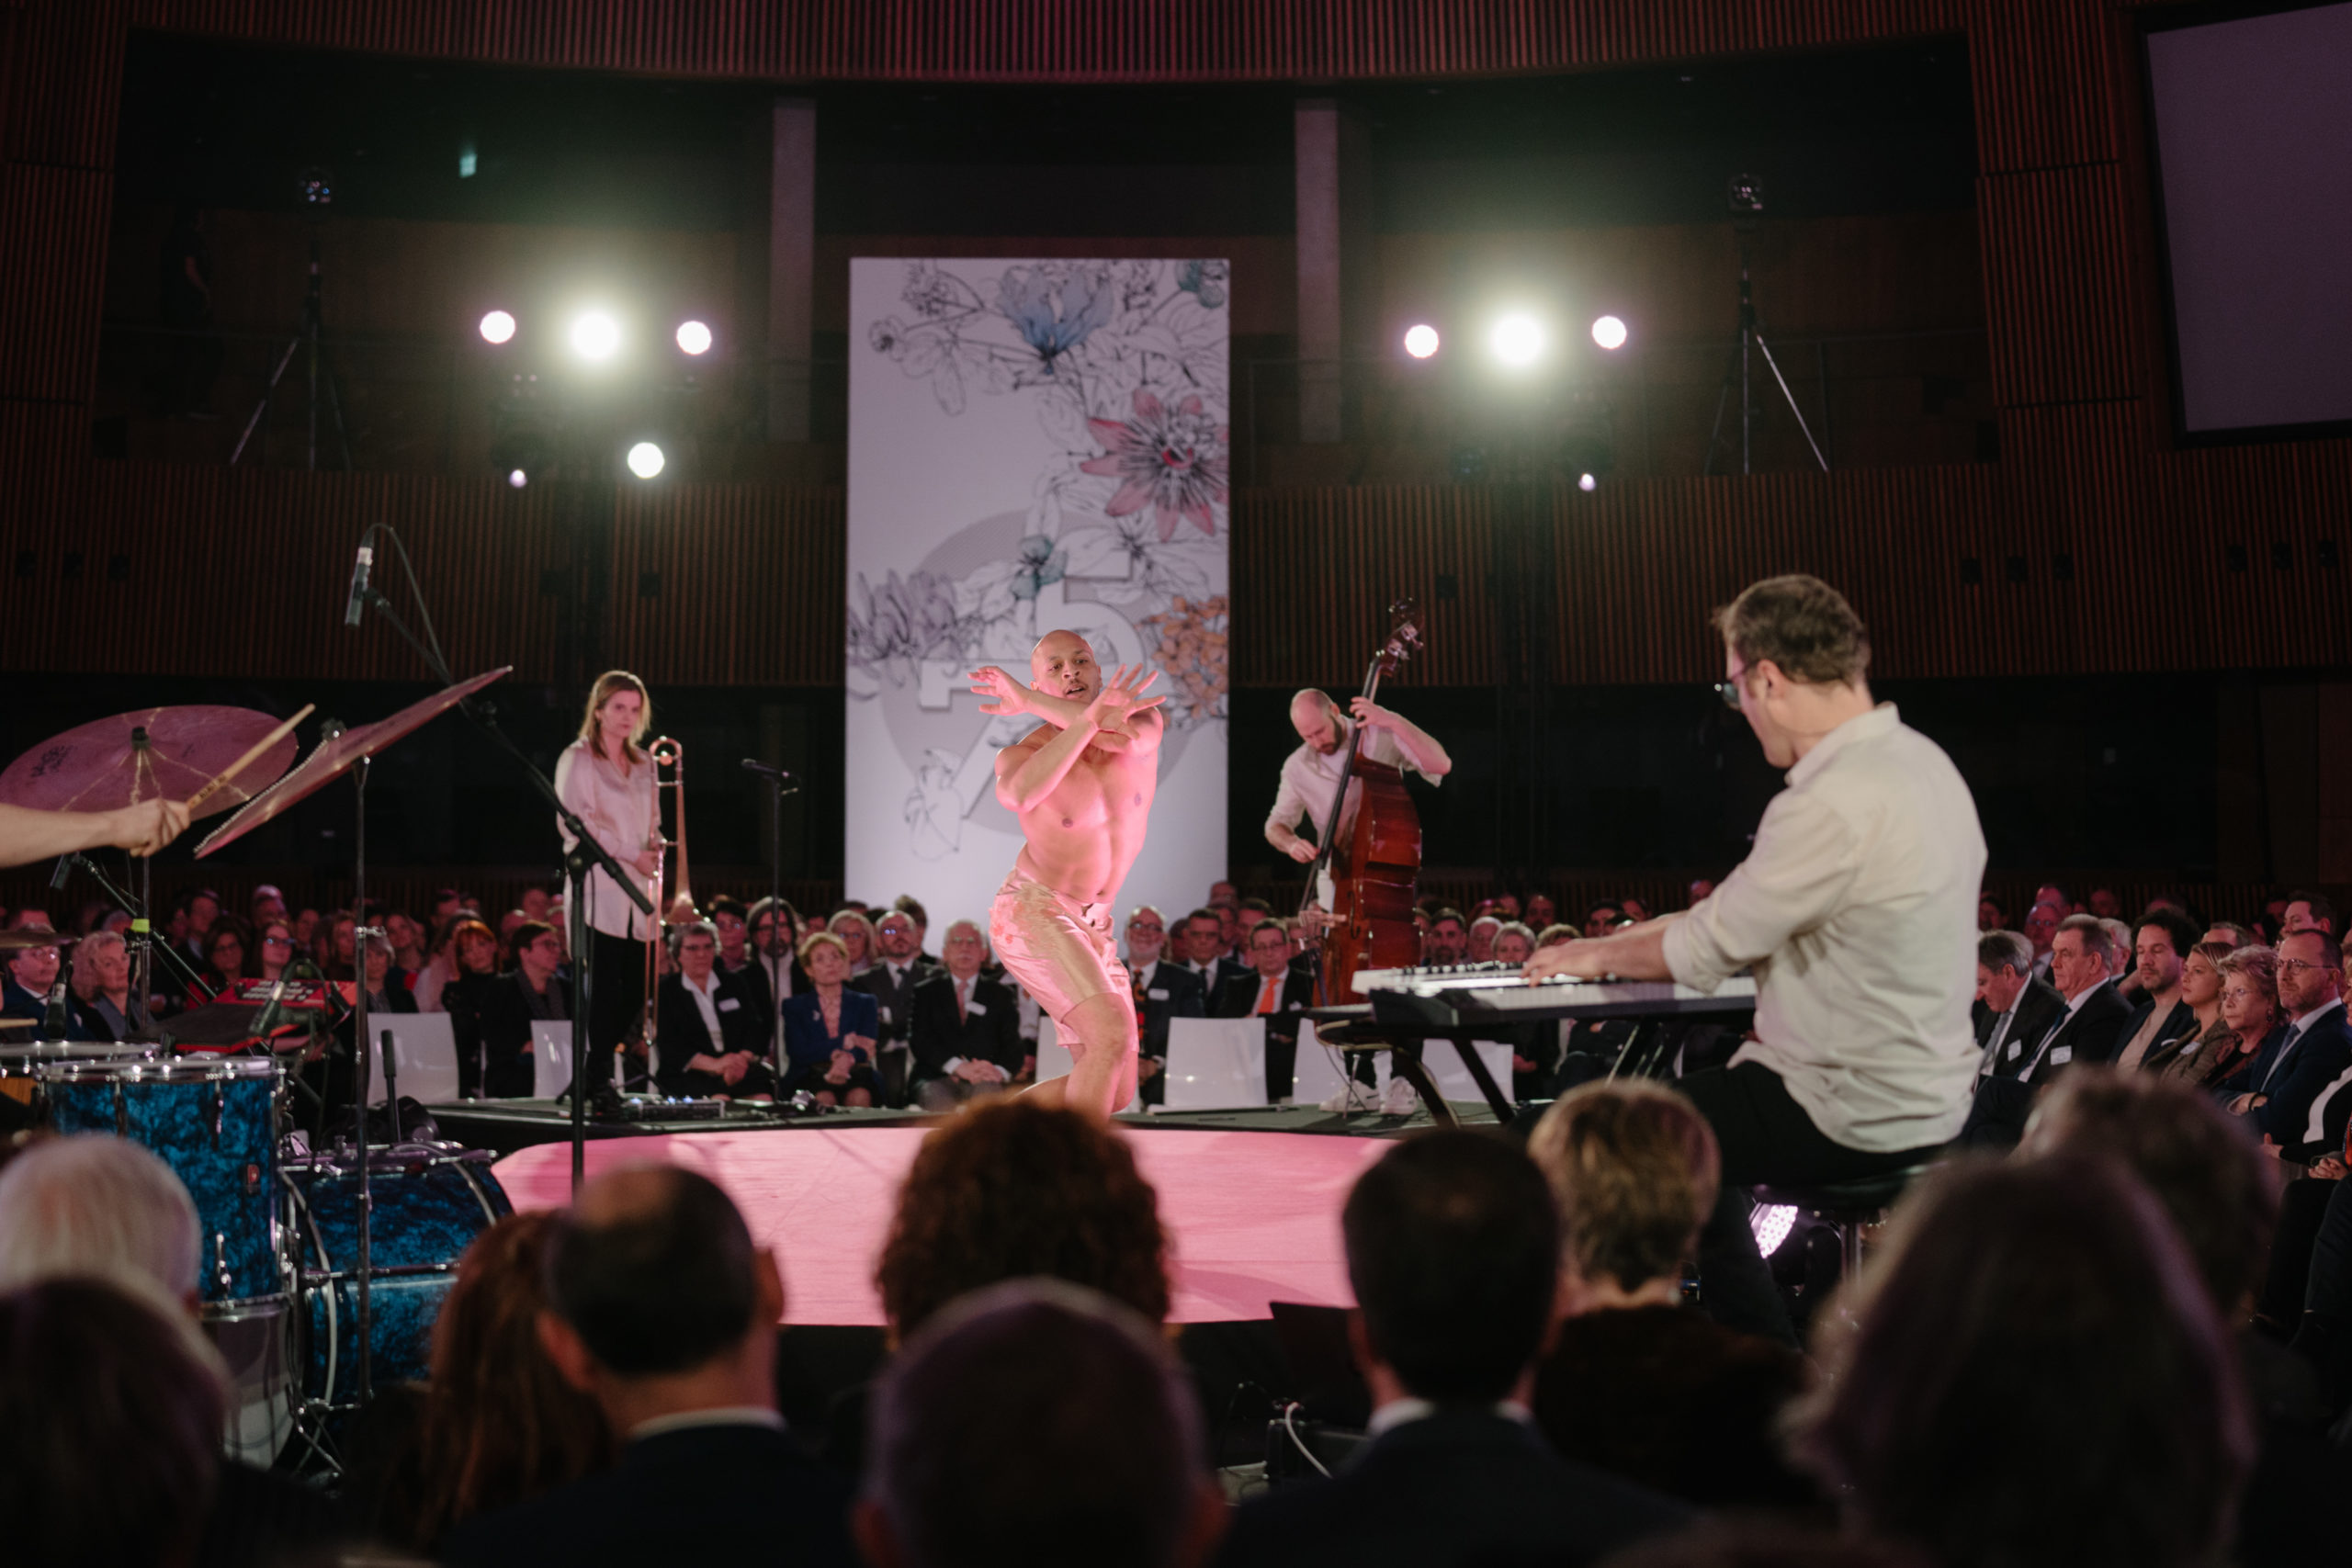 Shine a light agence évènementielle luxembourg - créateur d'expériences immersives - 75ème anniversaire Oeuvre Nationale de Secours Grande Duchesse Charlotte